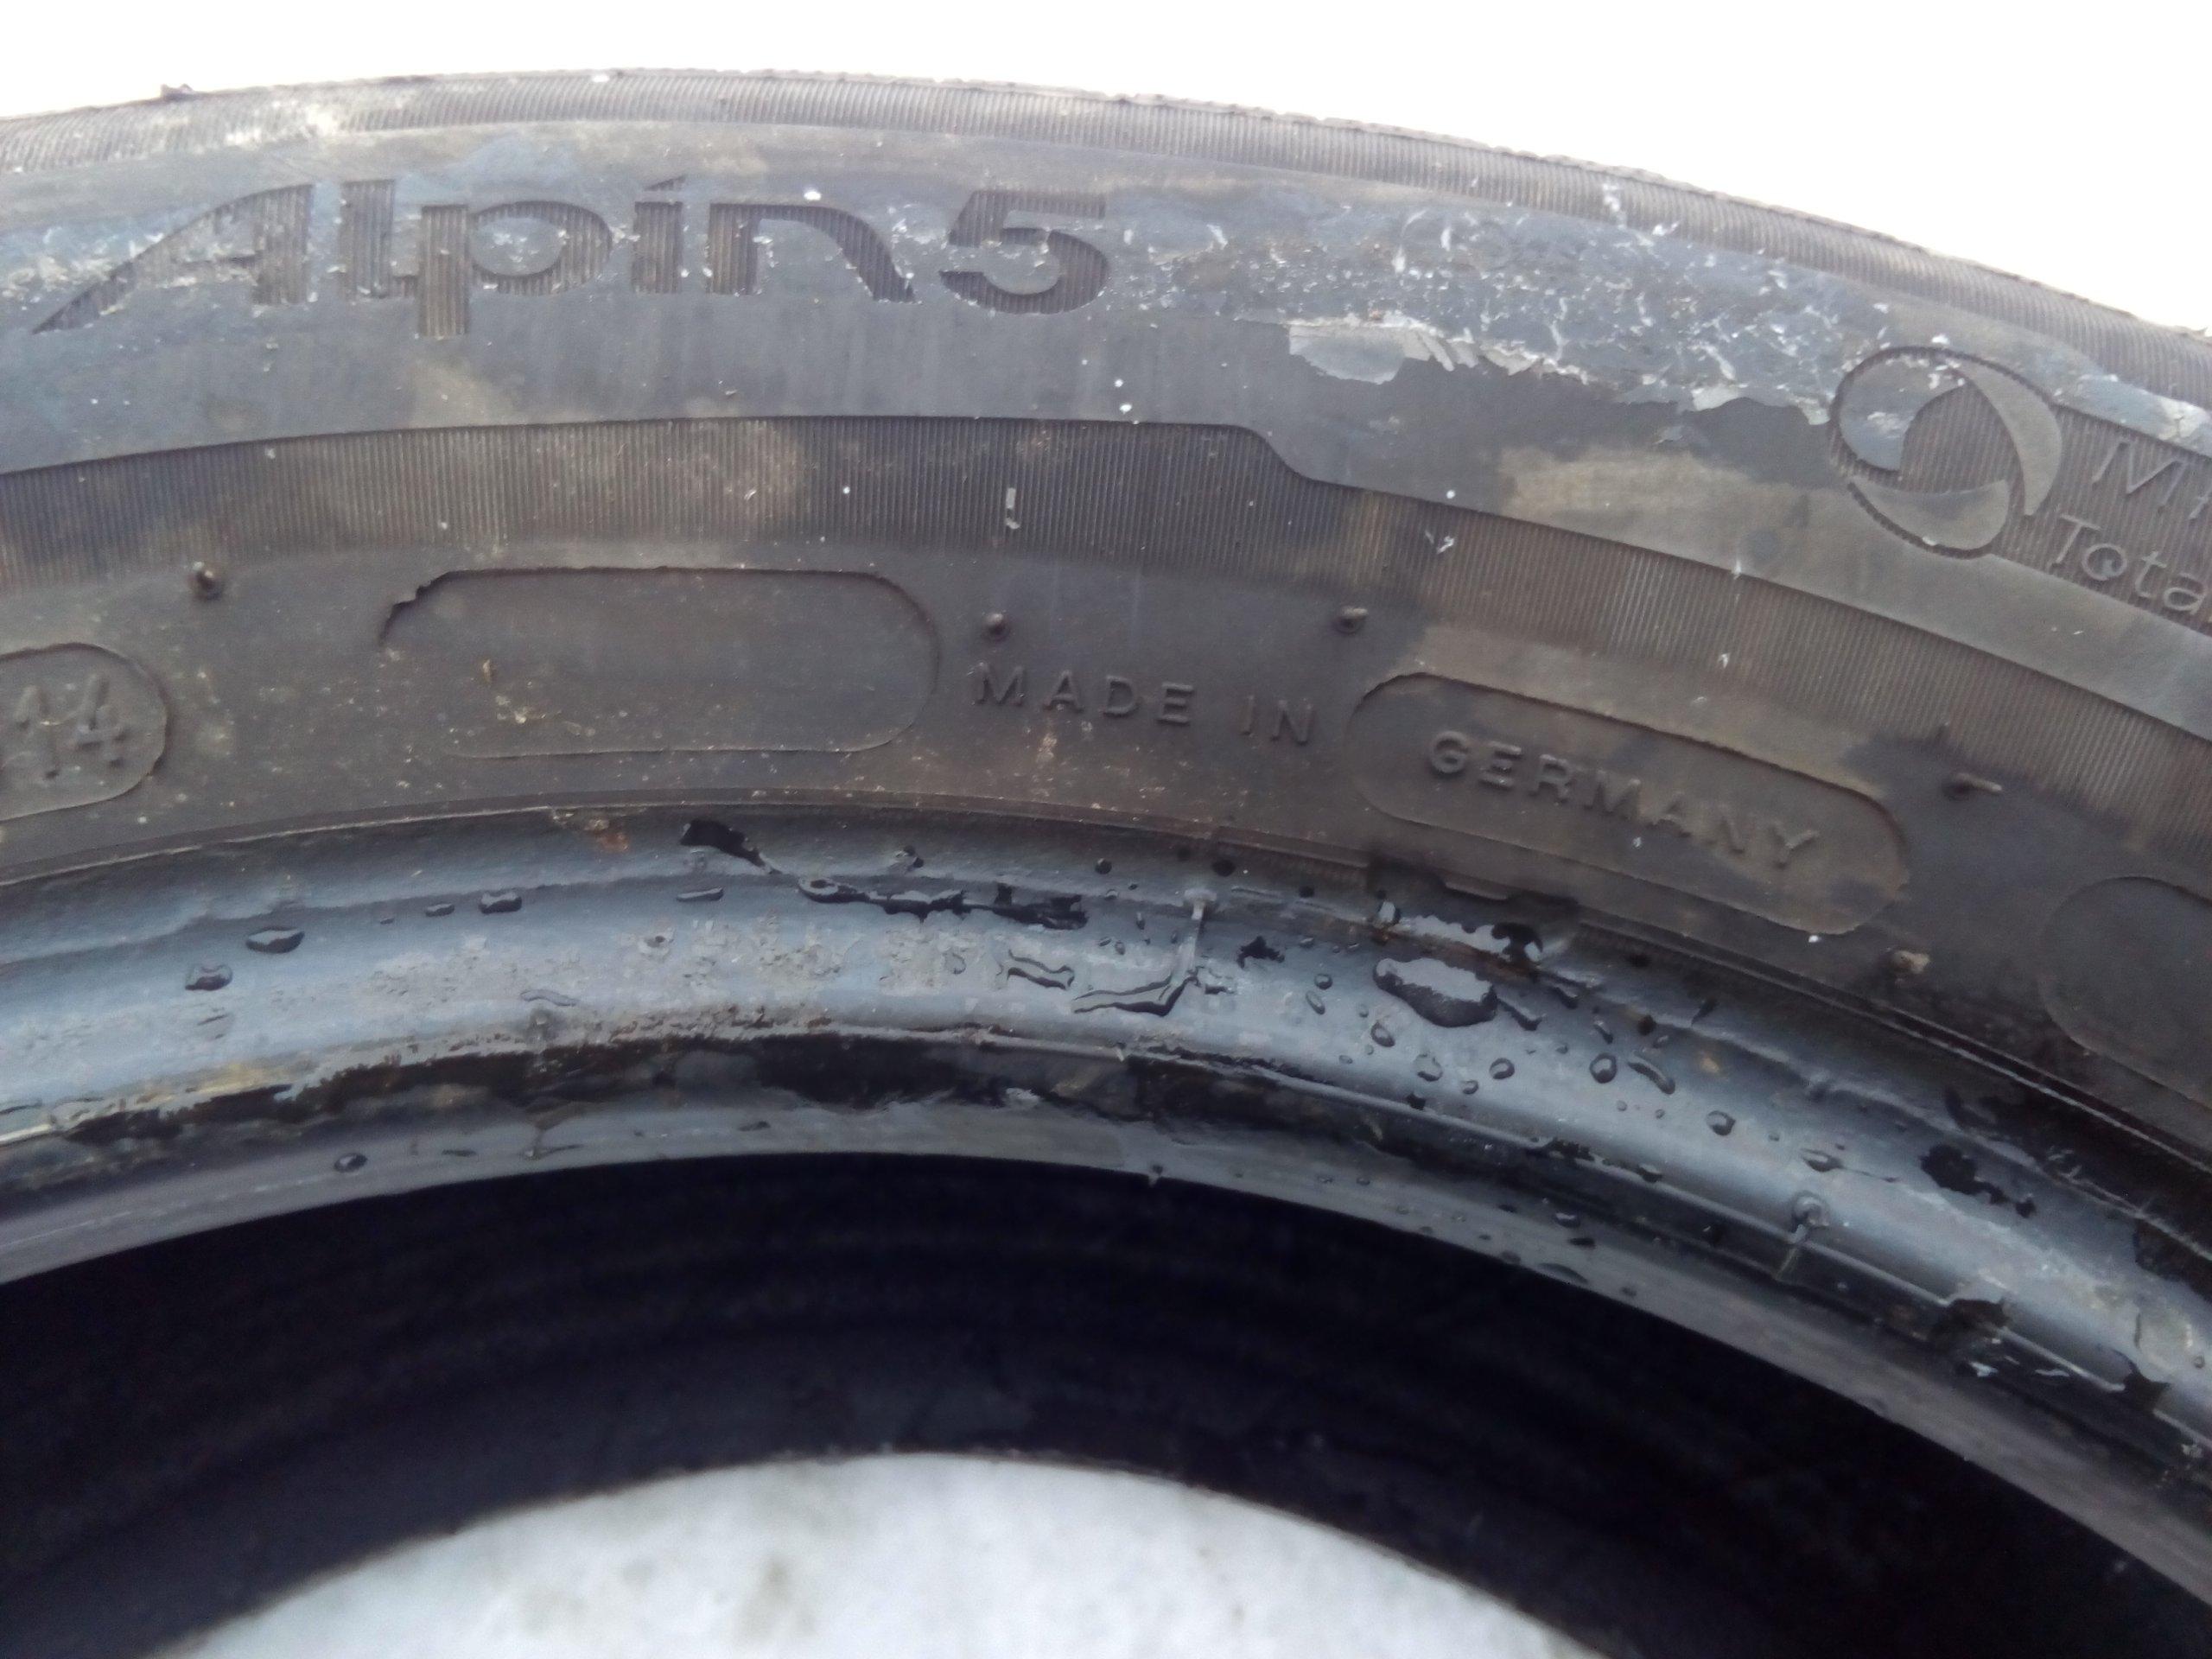 2 Opony Zimowe Michelin 1956515 14r 6 7mm Lublin 7189165158